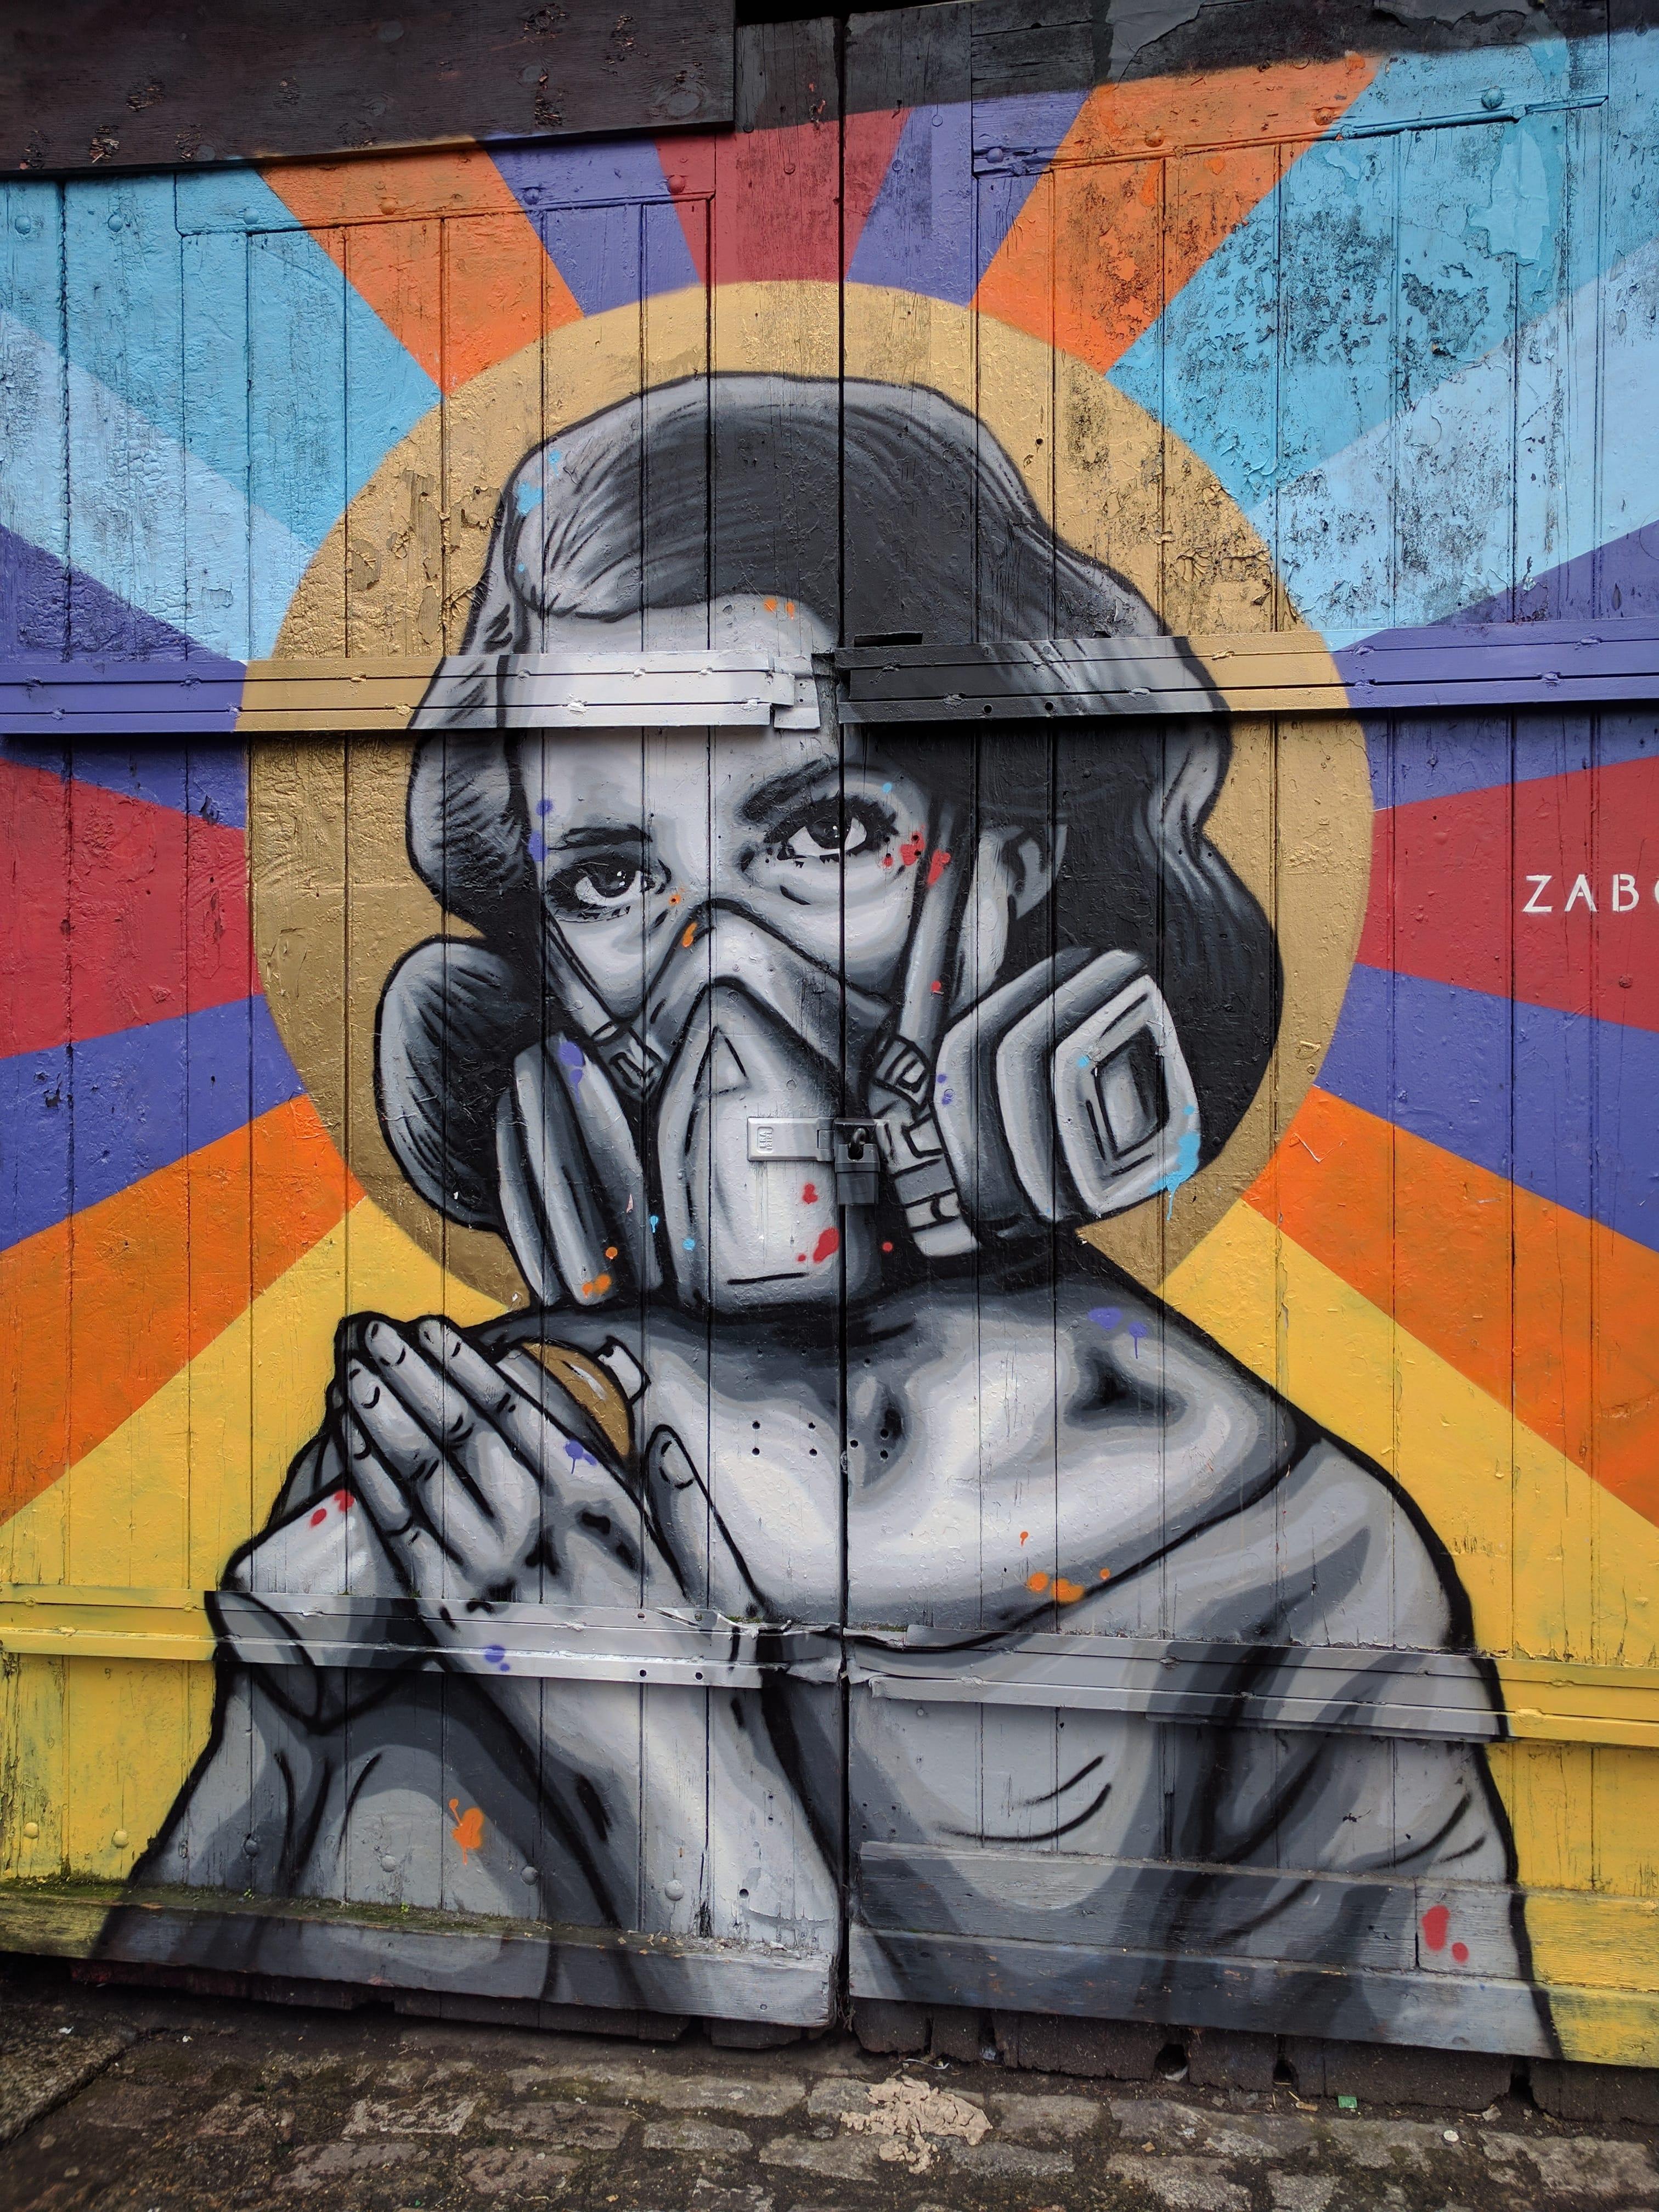 099-graffiti19